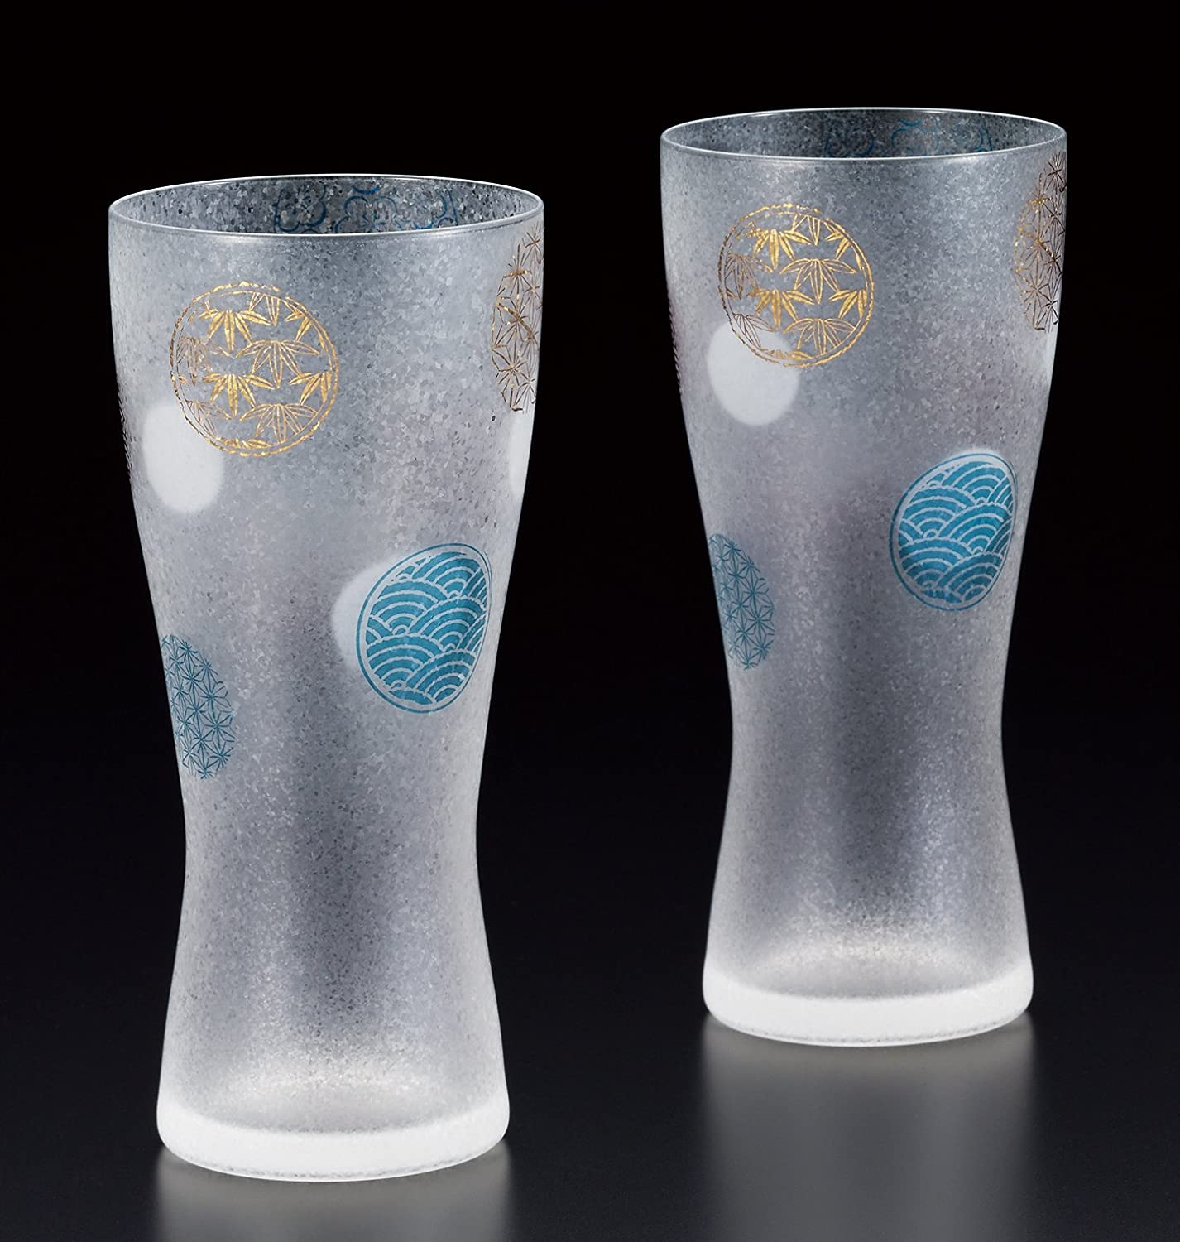 ADERIA(アデリア) ビールグラスの商品画像2